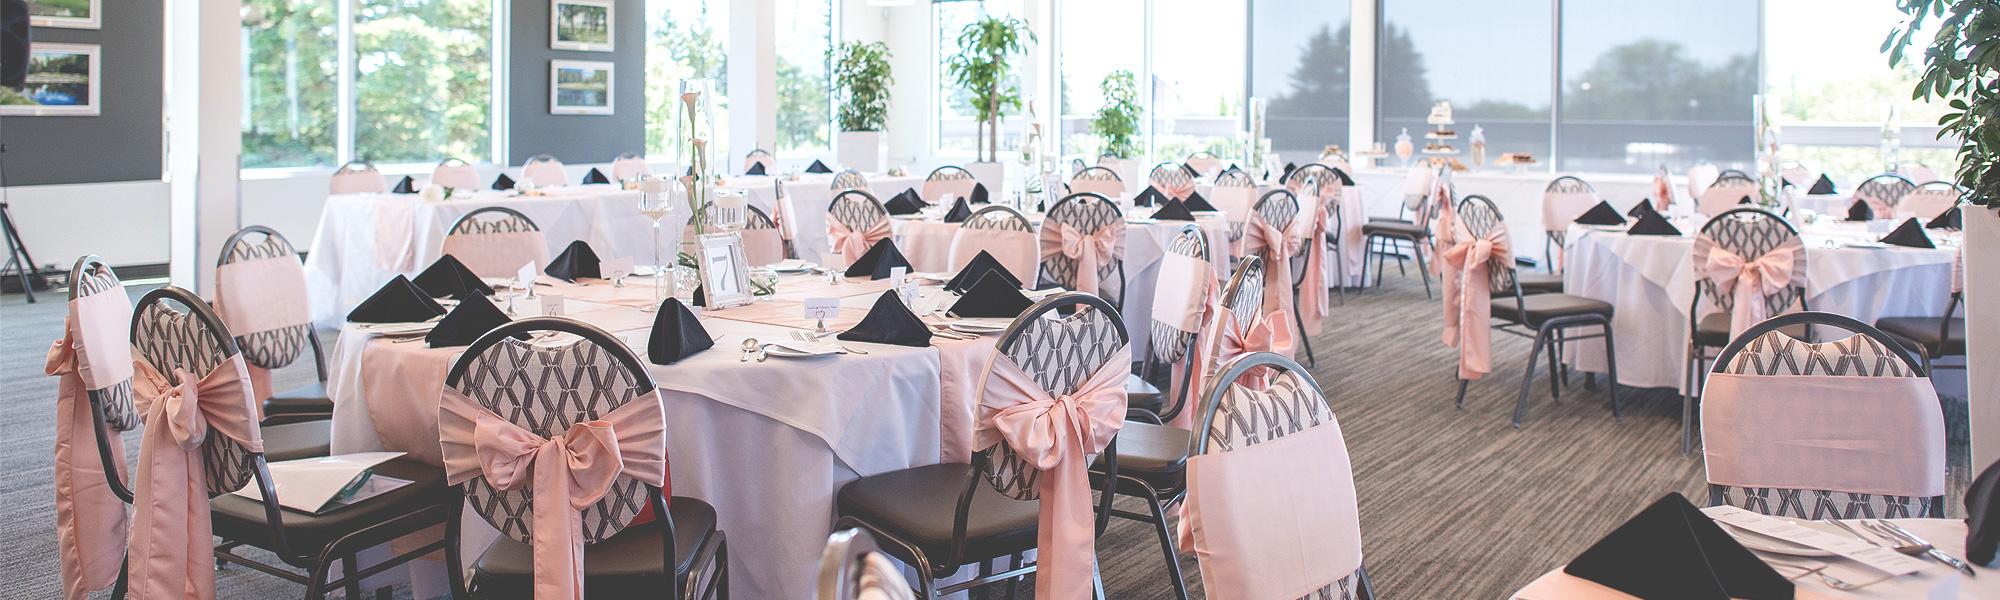 Salle-de-banquet-du-Club-de-golf-de-la-Valle-du-Richelieu